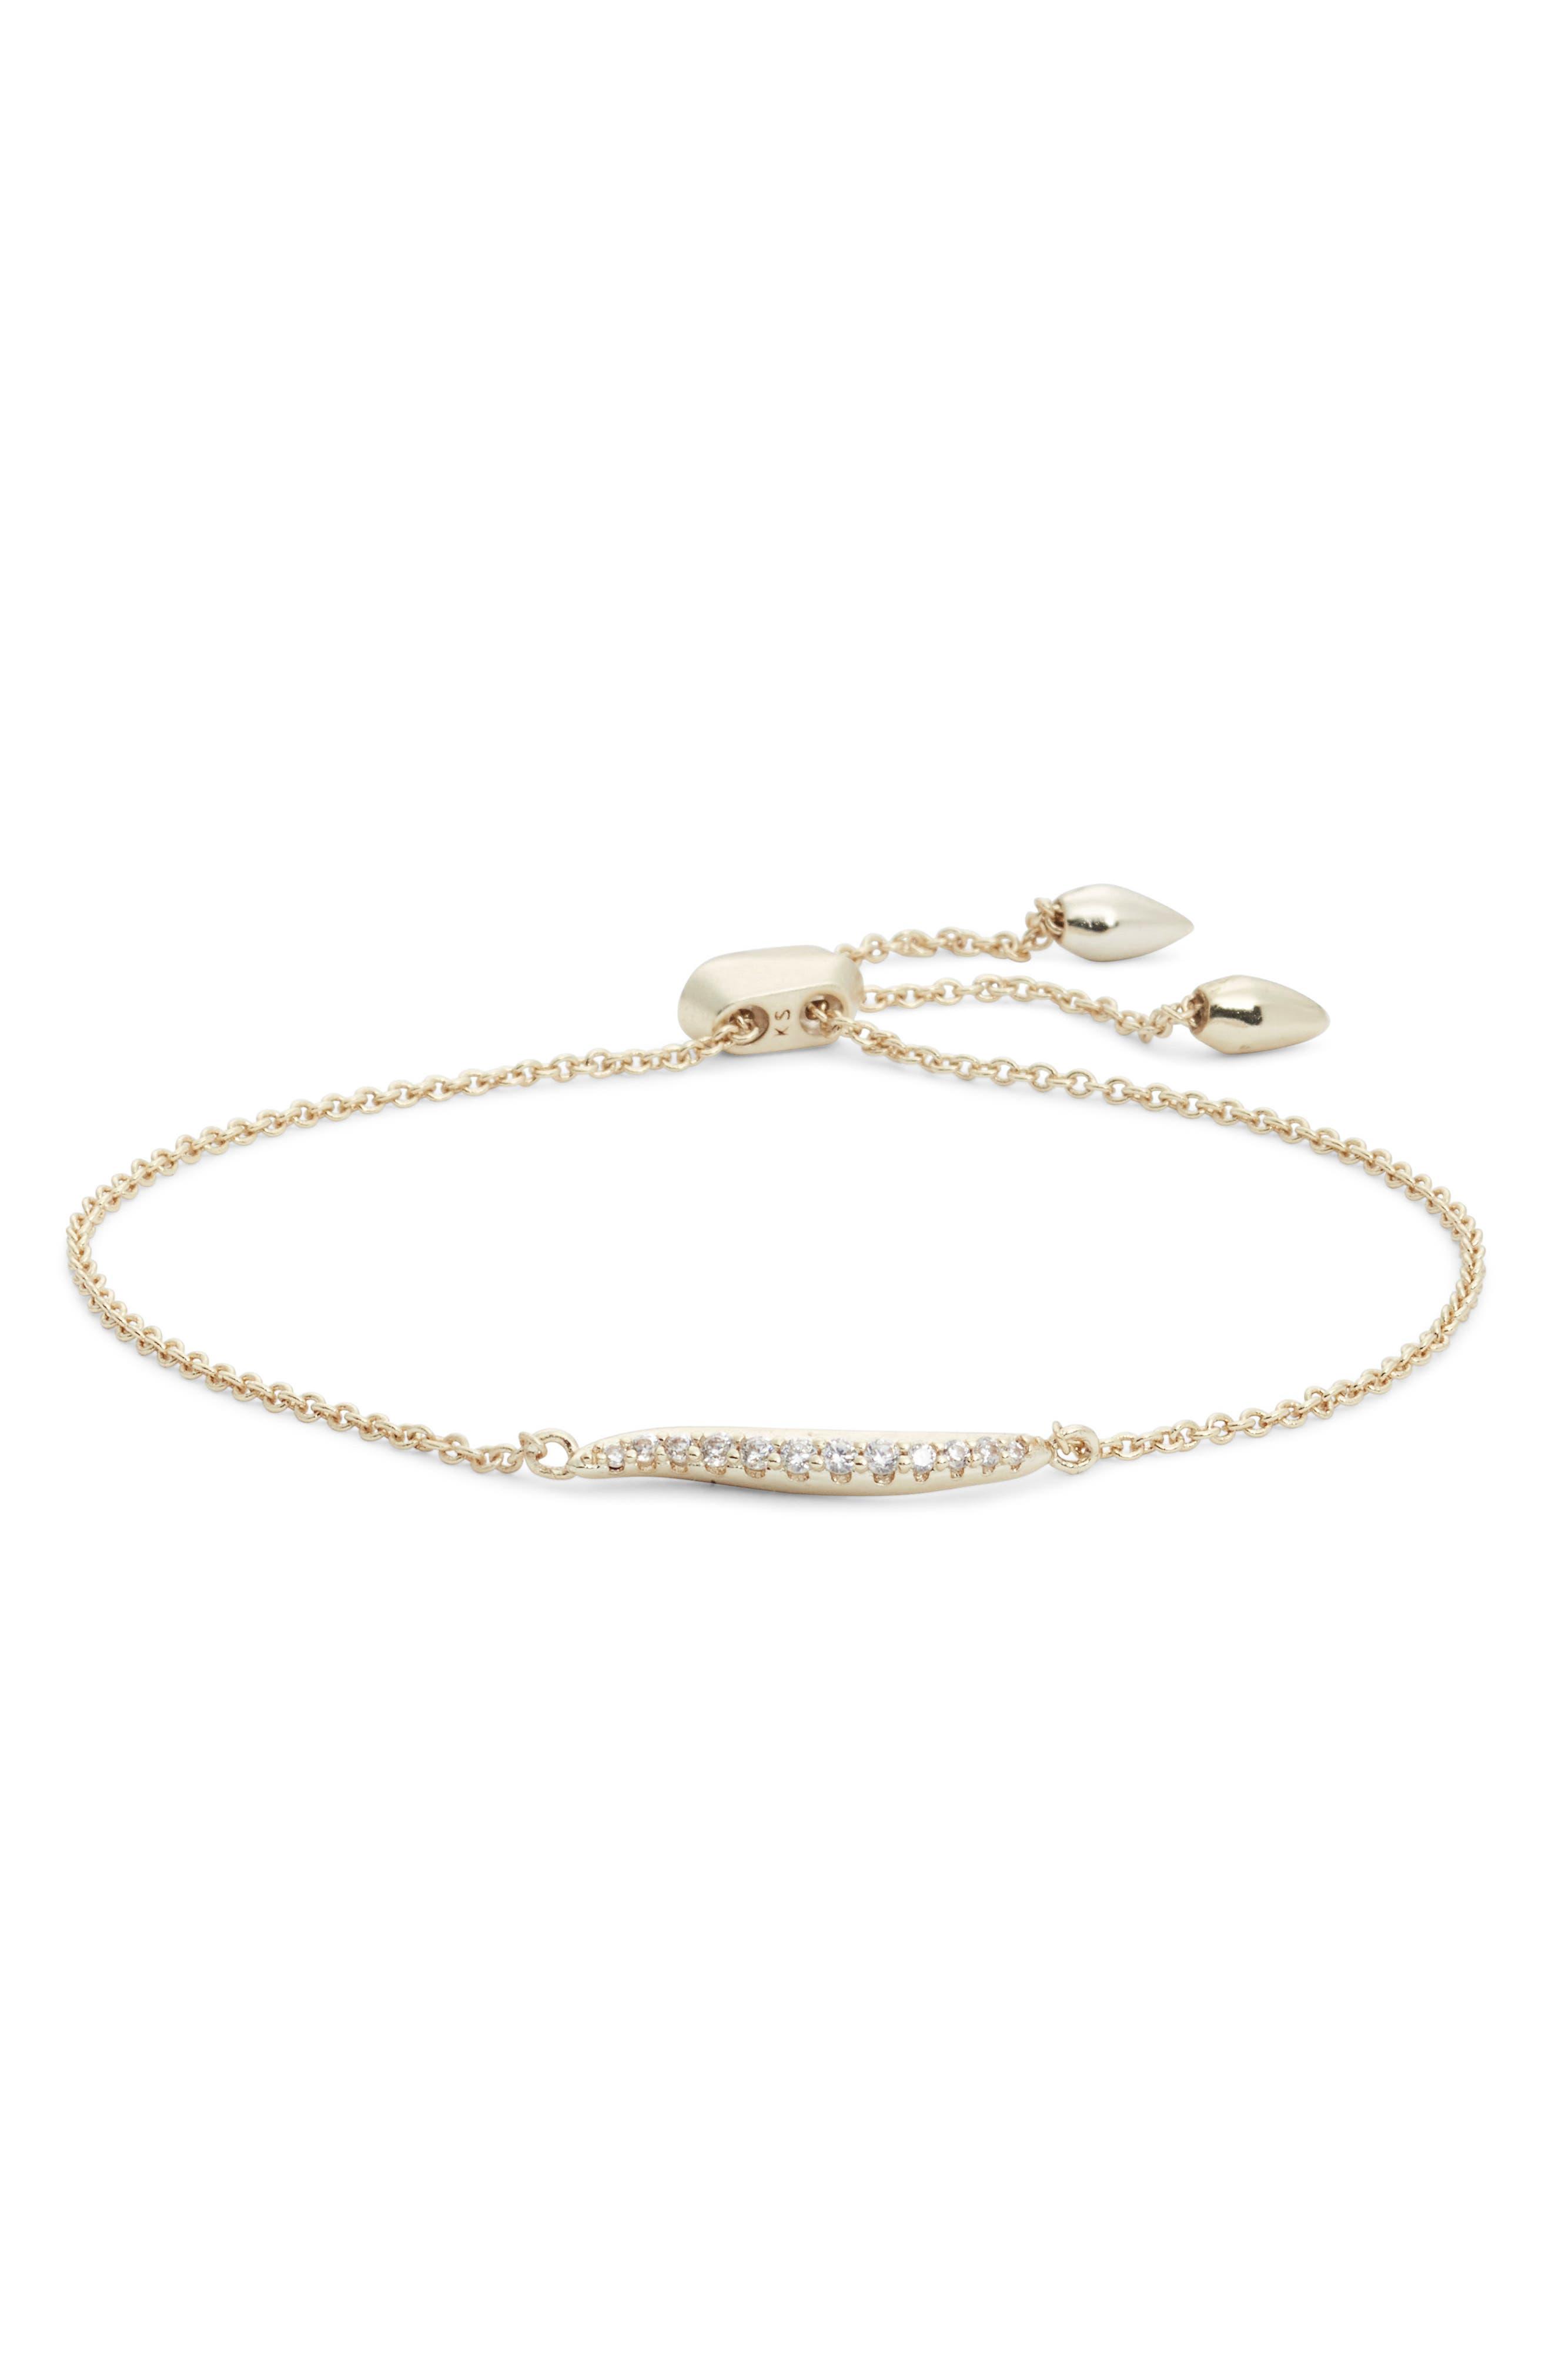 Jemmina Adjustable Bracelet,                             Main thumbnail 1, color,                             710